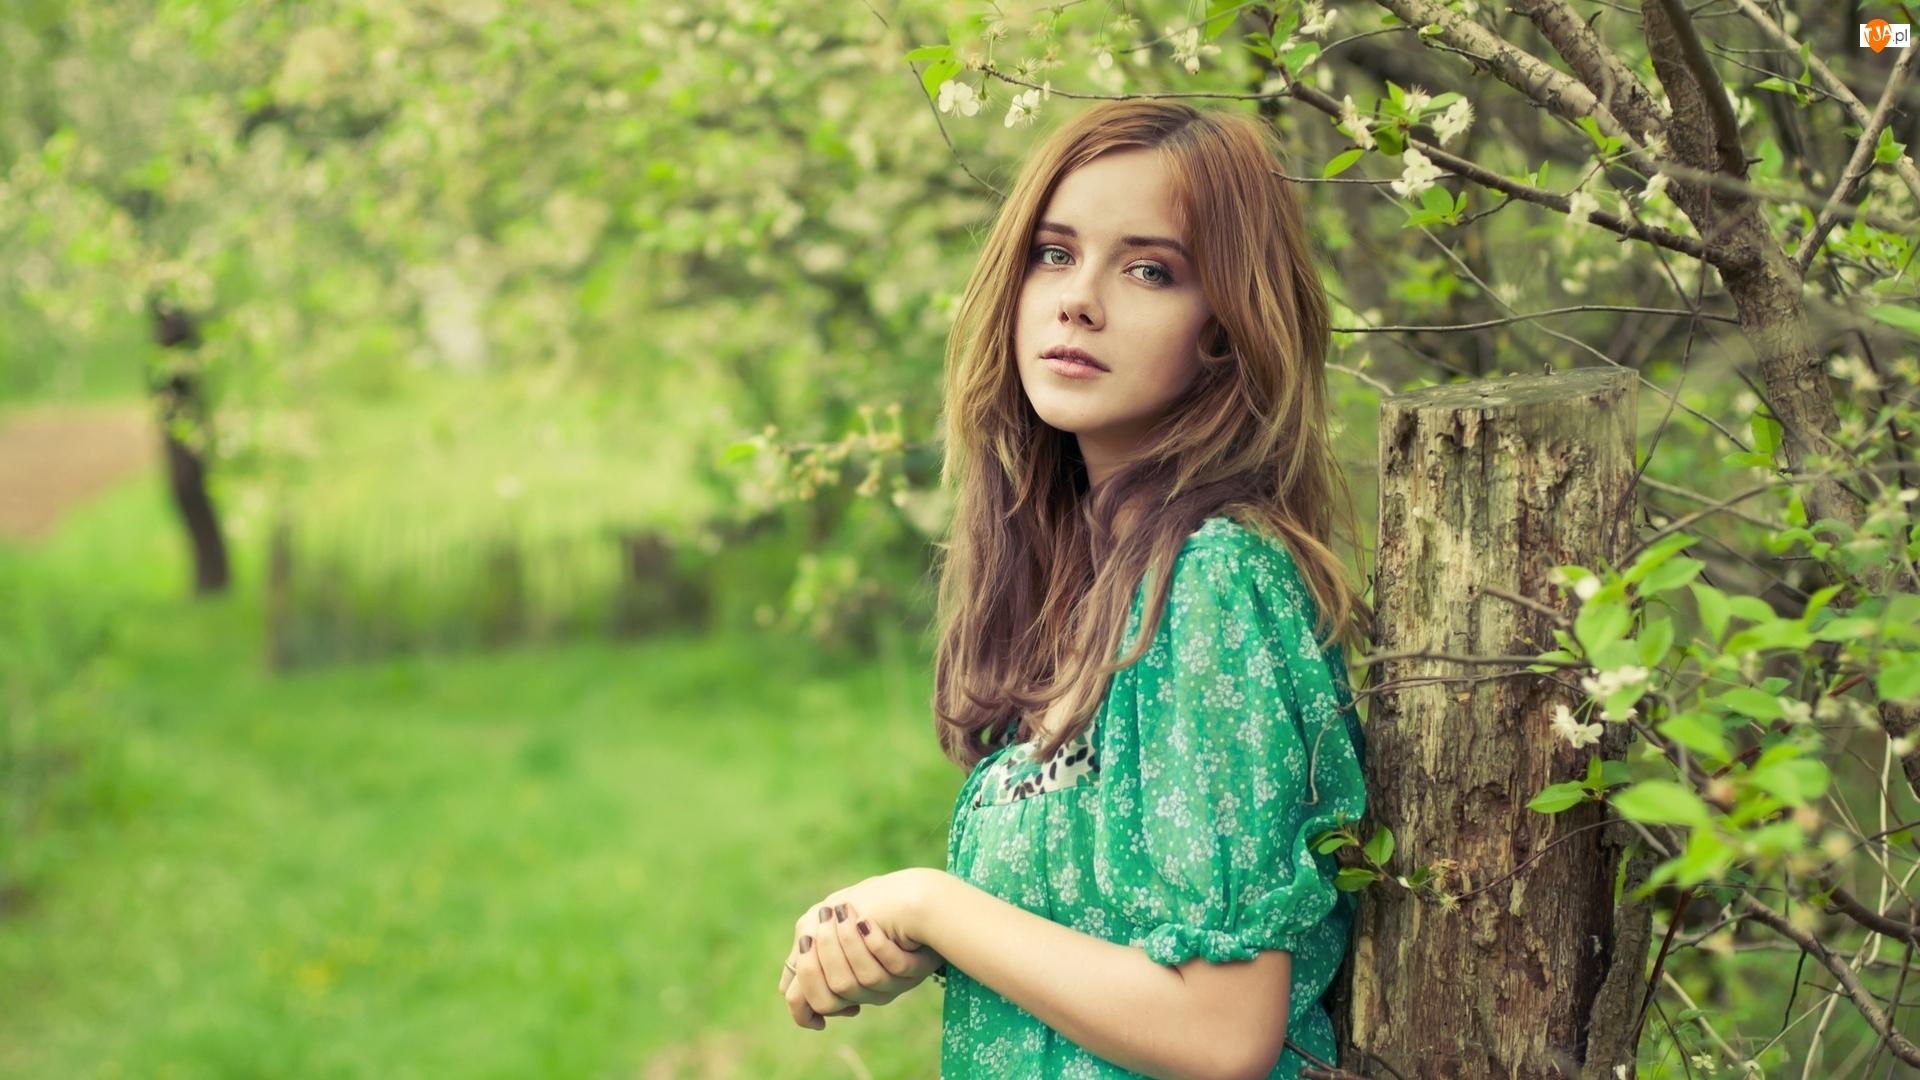 Drzewa, Dziewczyna, Zielona, Bluzka